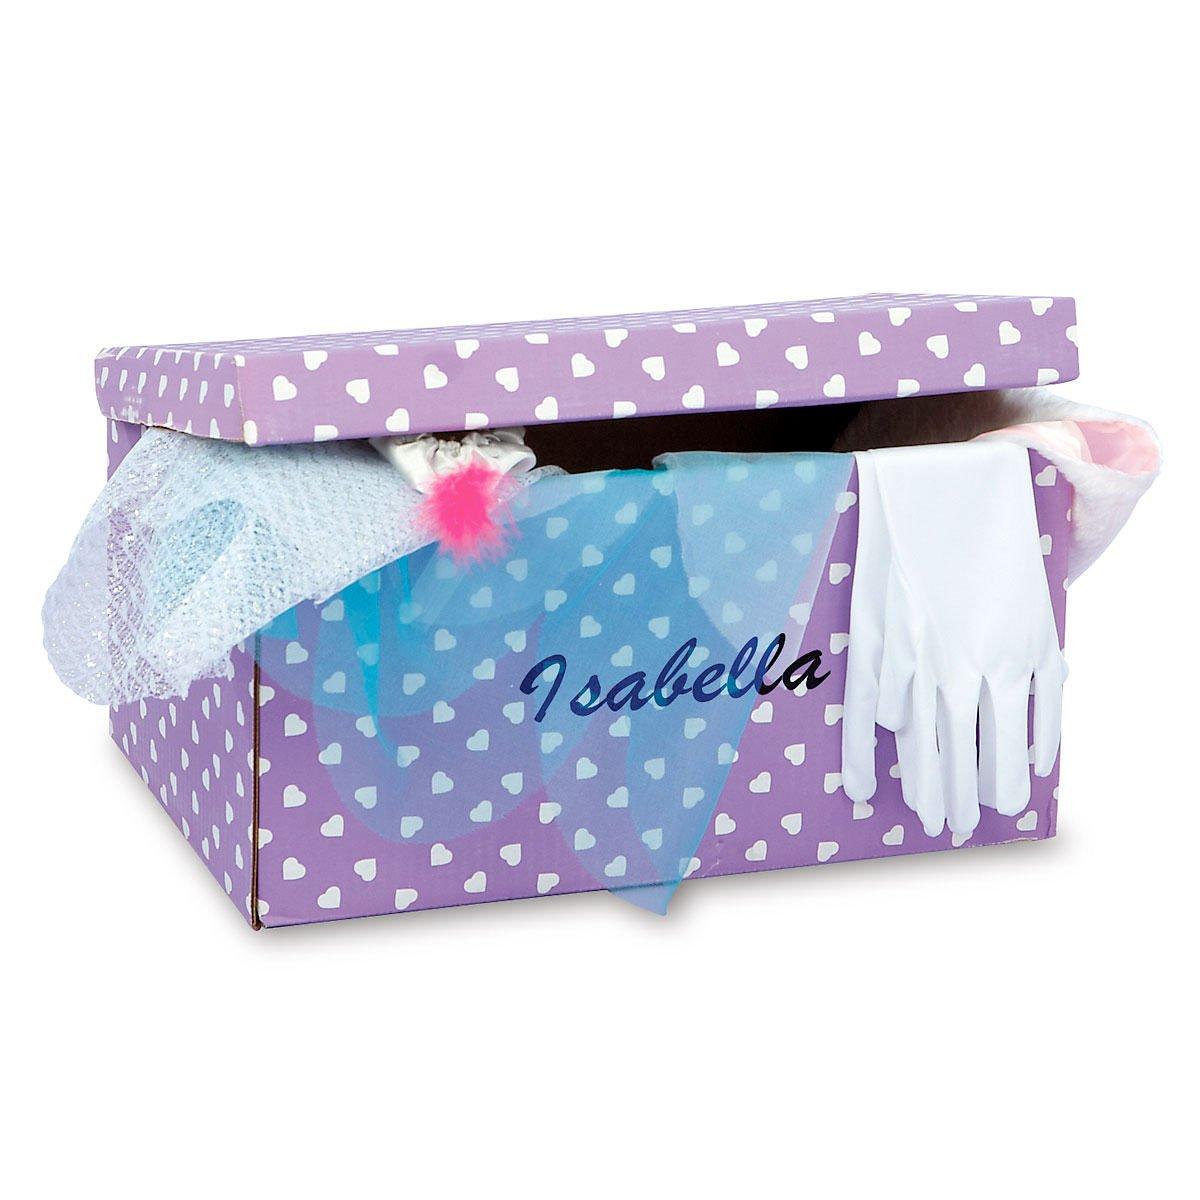 Personalized Kids Dress Up Trunk - 8-1/2 x 10-1/2 x 16'' W cardboard trunk includes 17 piece set